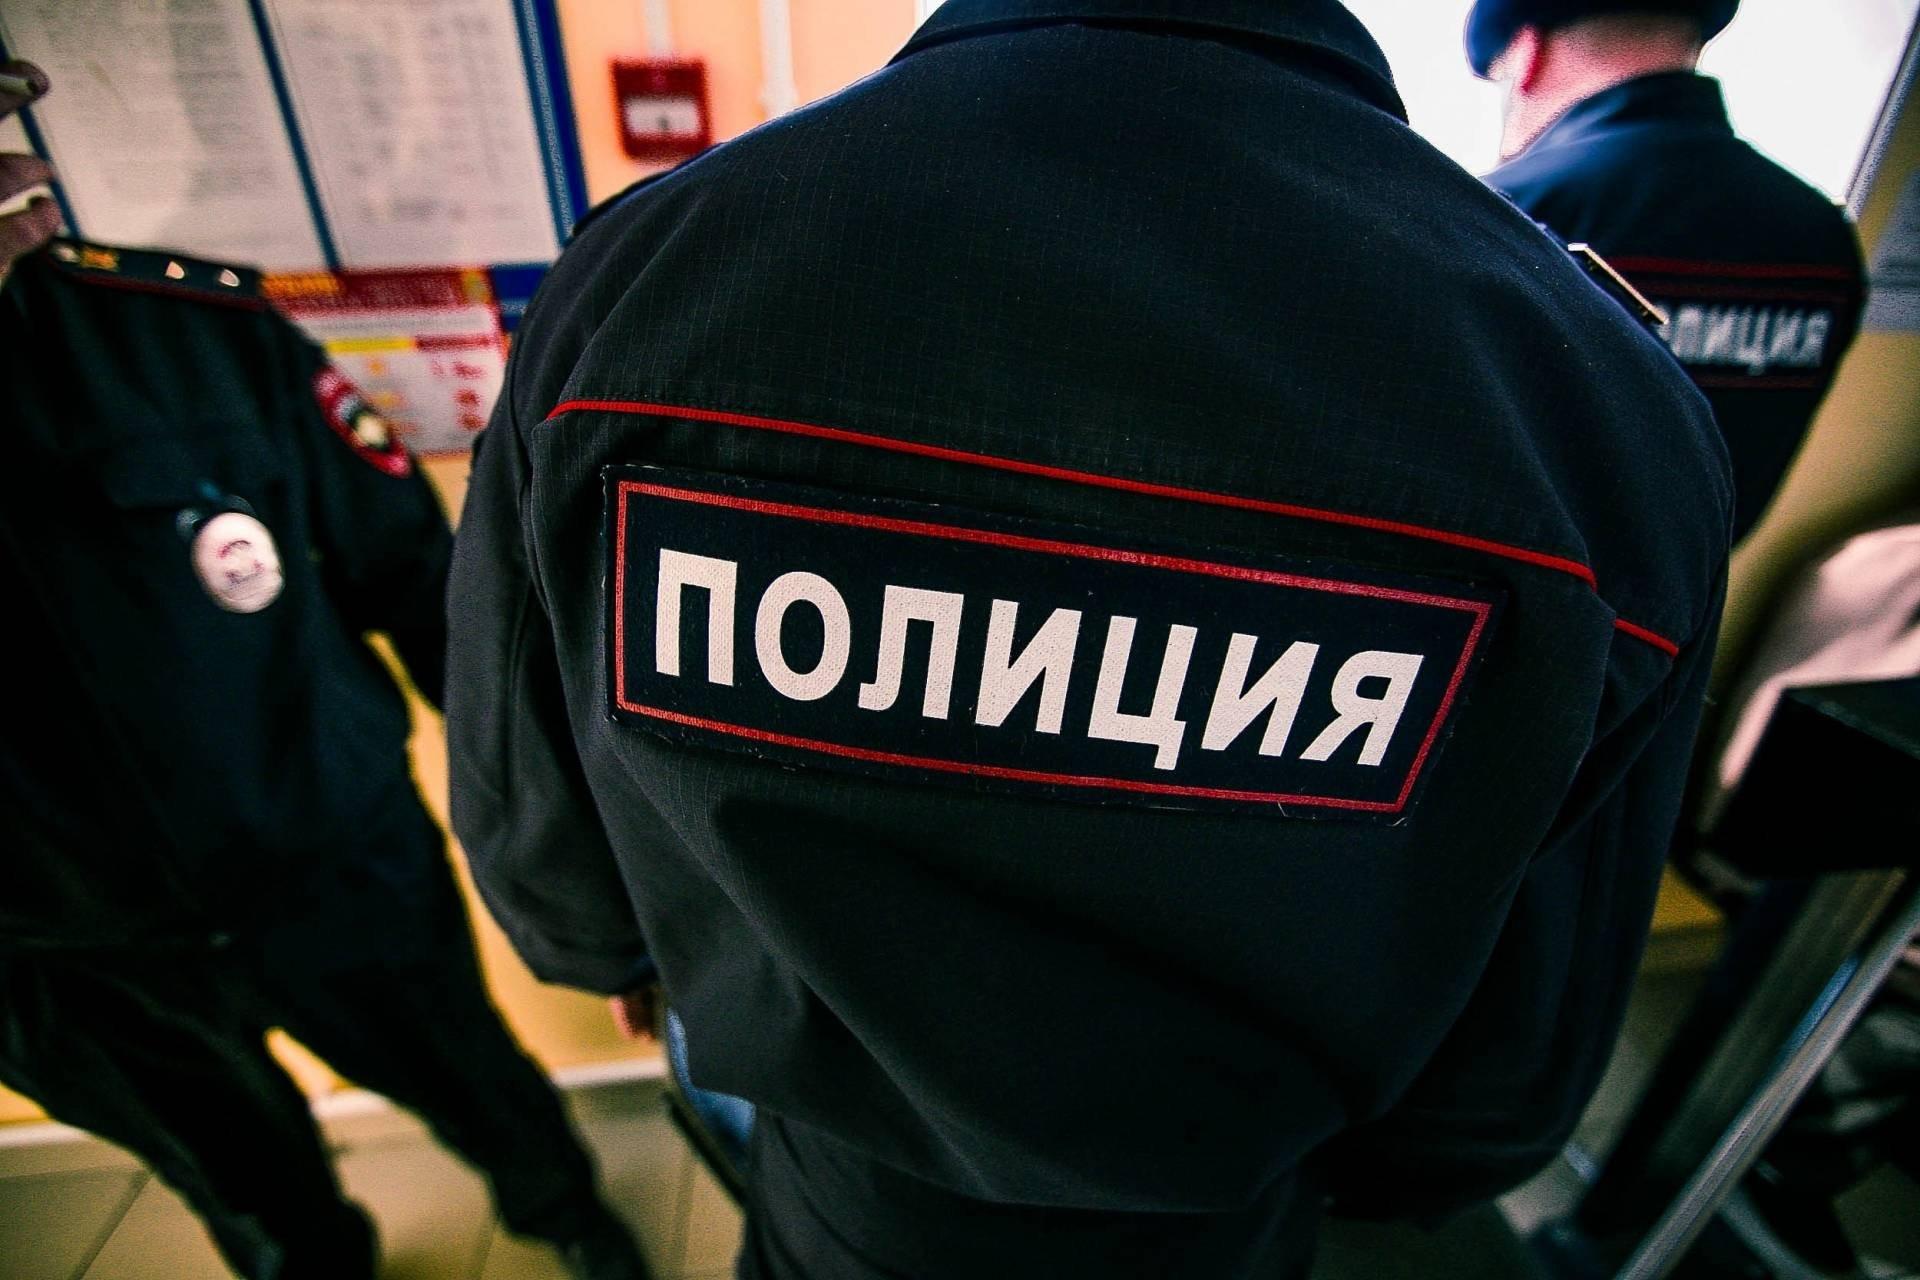 Гражданин столицы лишился 1,2 млн руб., пытаясь приобрести оборудование для майнинга